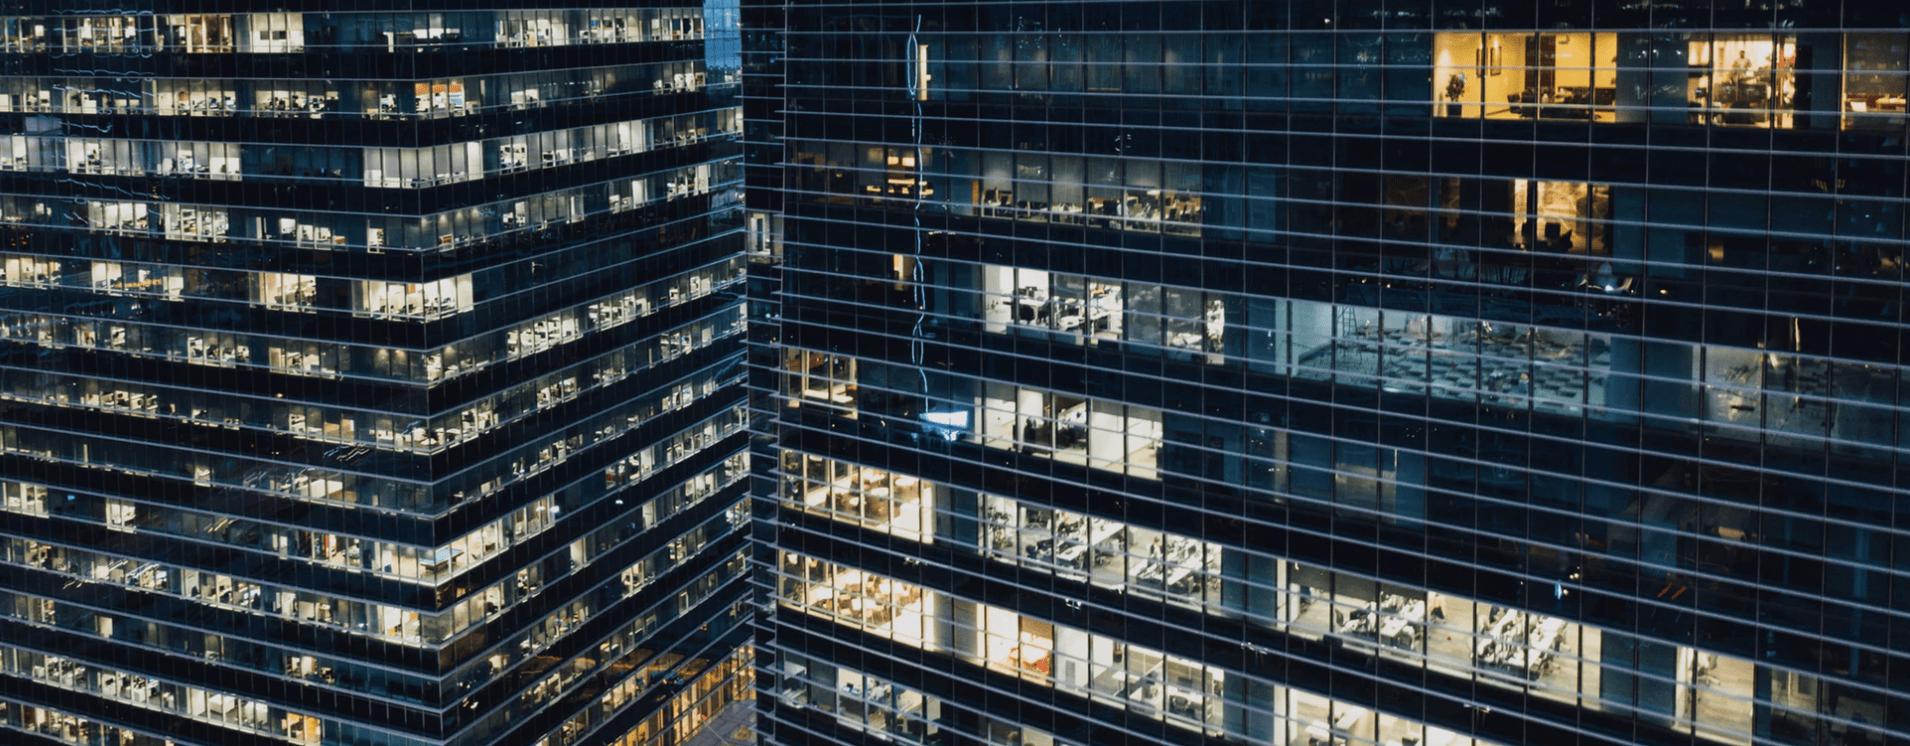 datenbank investoren büroimmobilien deutschland ankaufsprofil